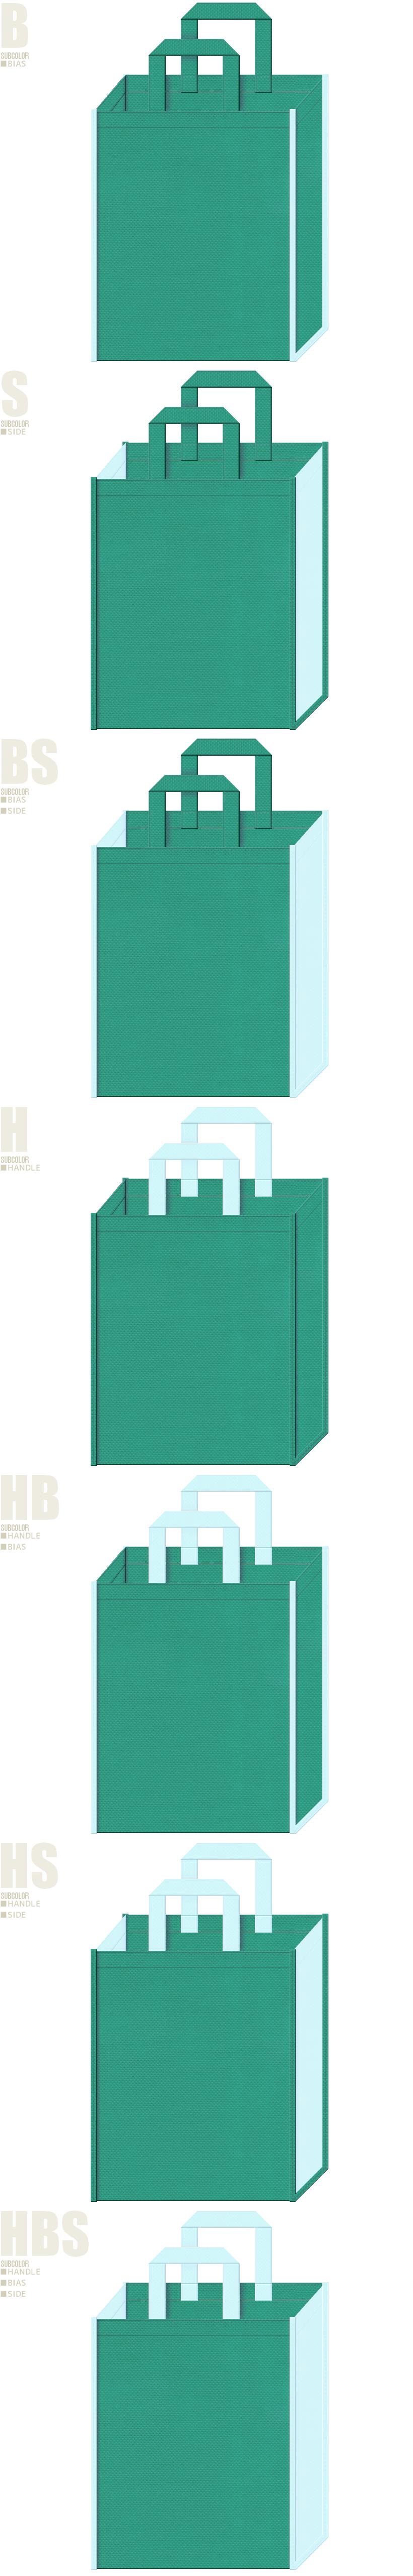 青緑色と水色、7パターンの不織布トートバッグ配色デザイン例。湖面を連想する配色の不織布バッグにお奨めです。